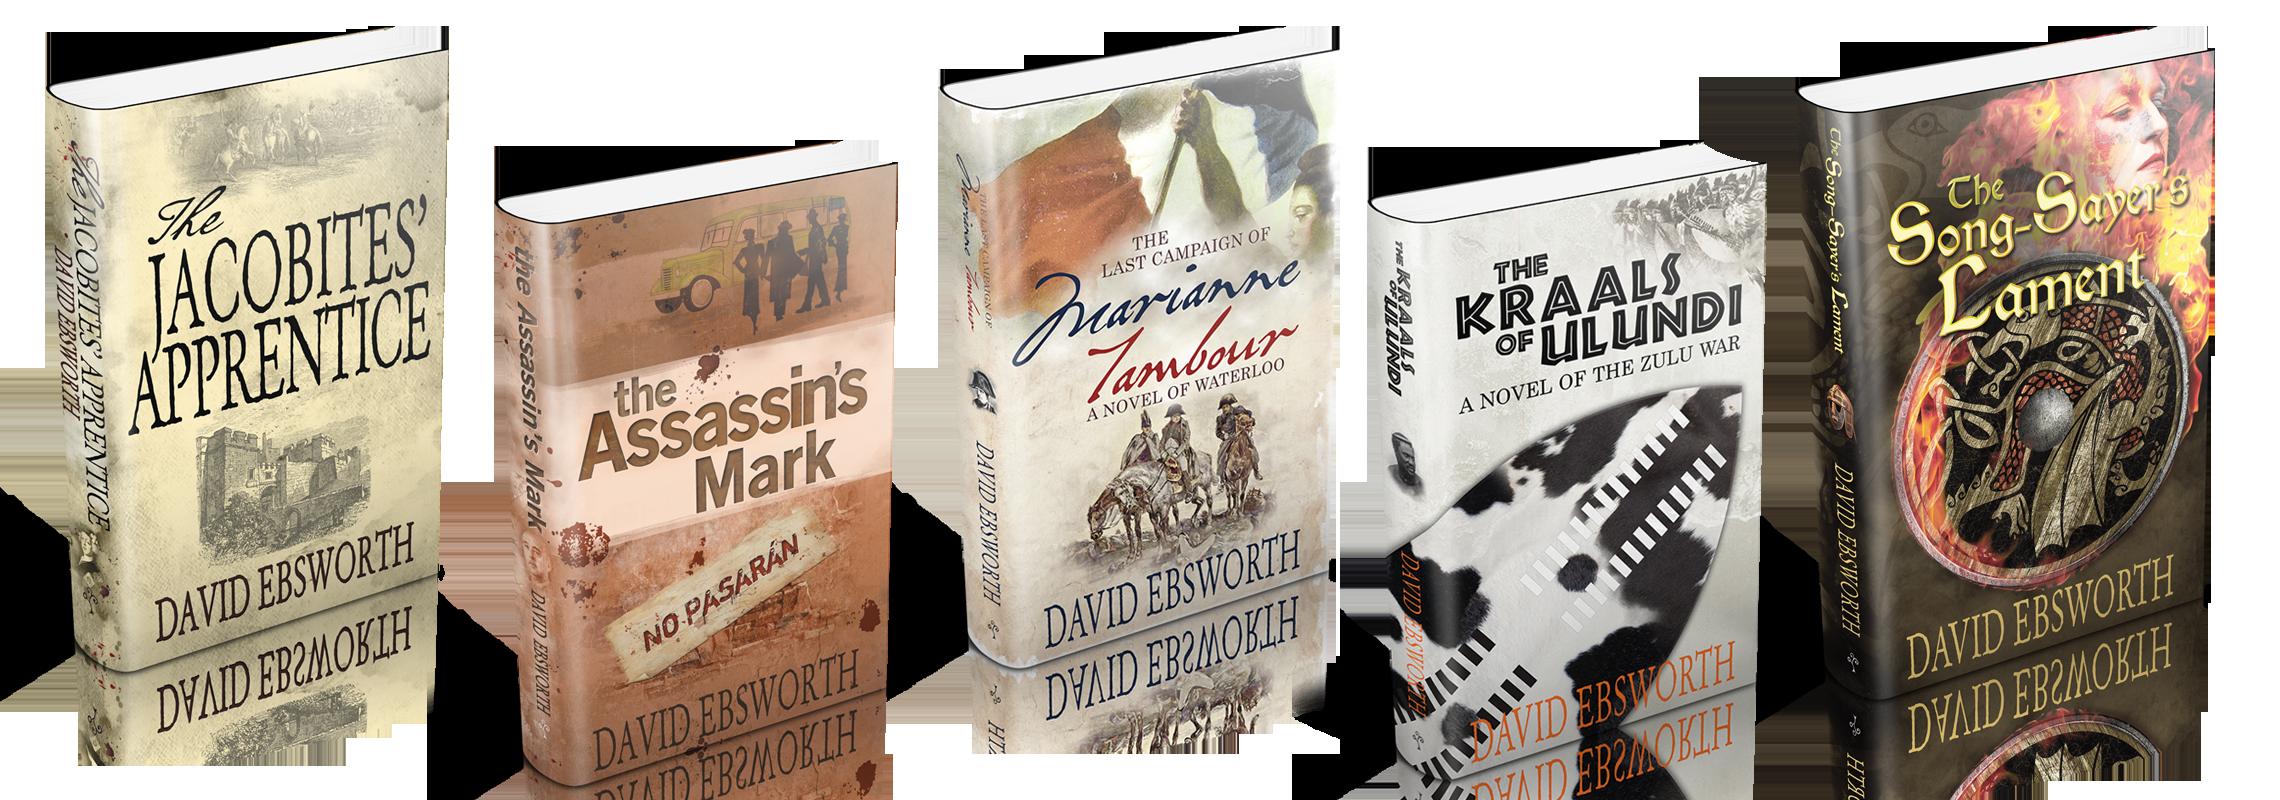 books layouts